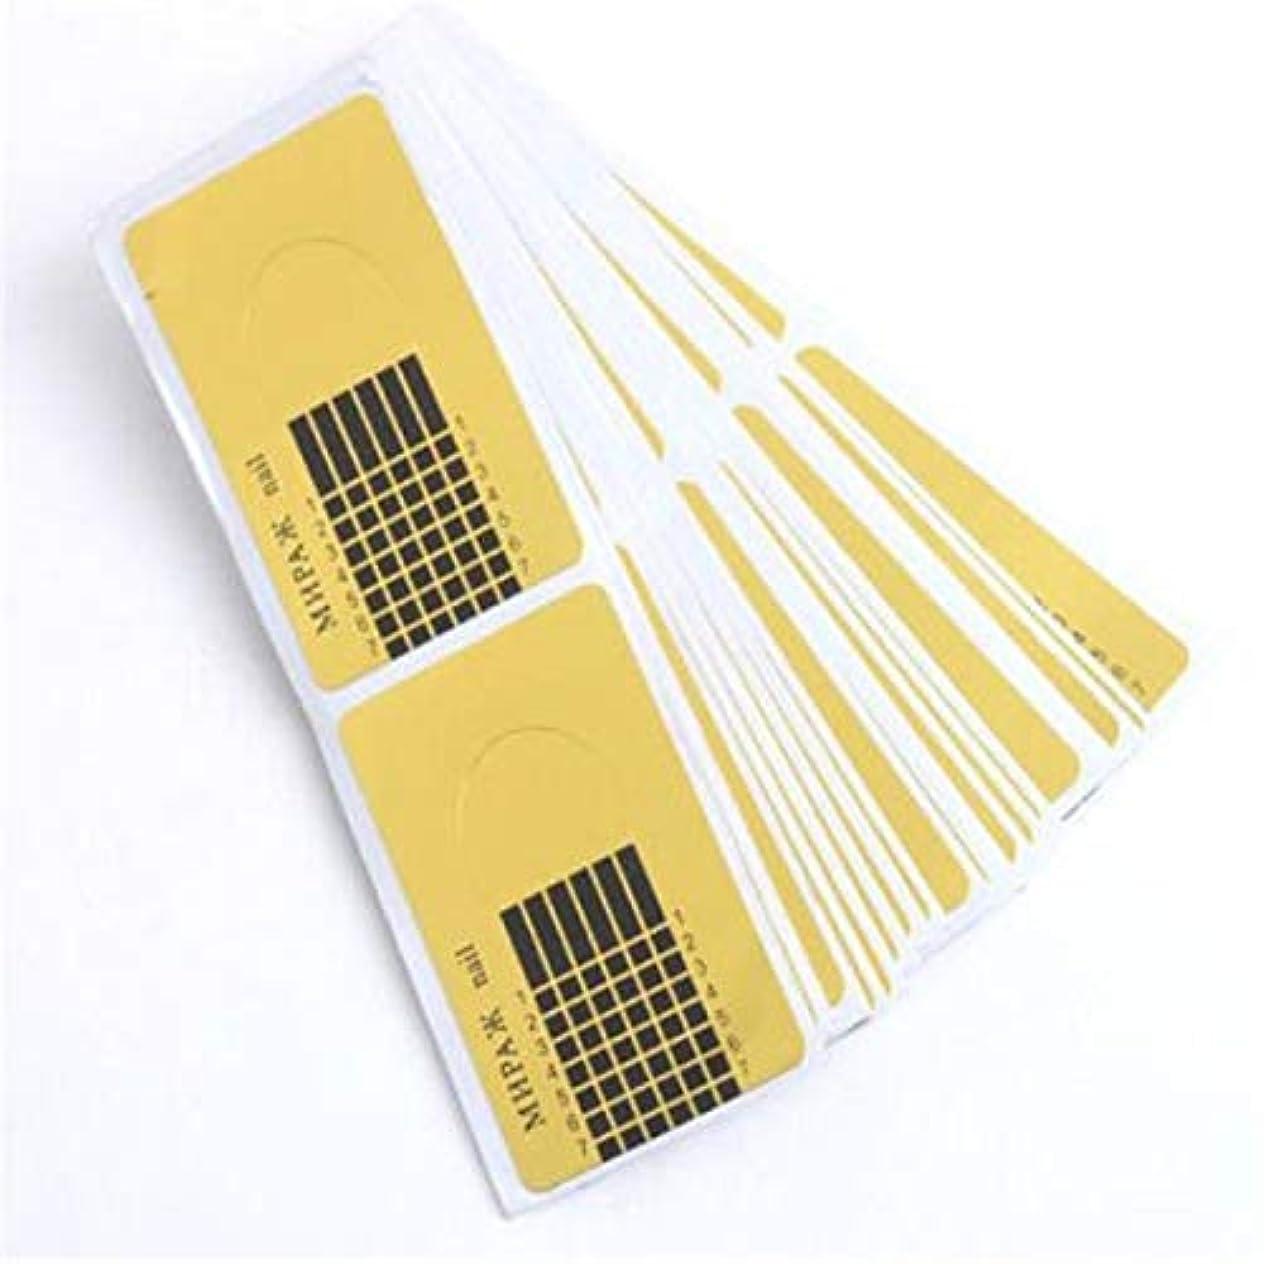 姓制裁シャッターWadachikis 信頼性デザイン100個新しいコンセプトゴールド昆虫タイプ指トリートメント爪サポートクリスタル特殊ホルダー(None golden)